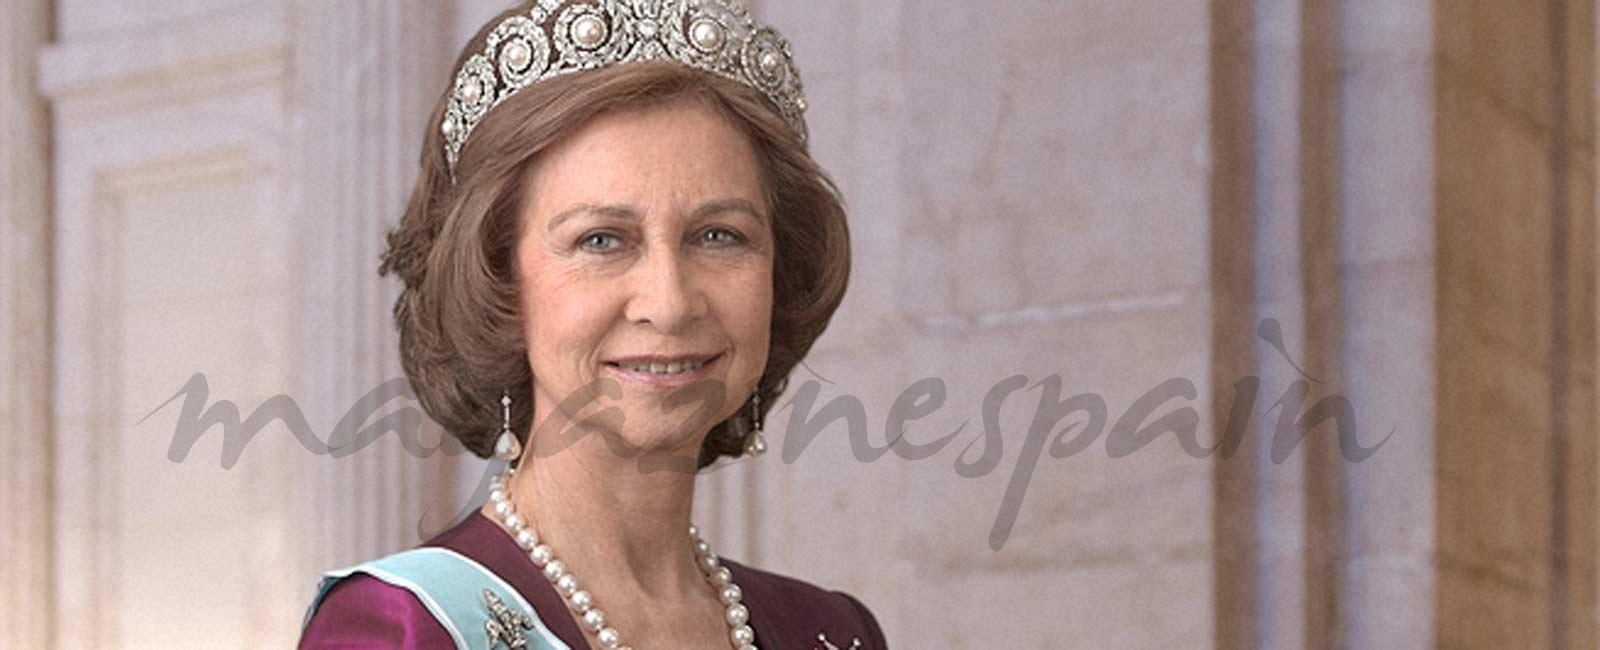 La reina Sofía cumple 79 años… Los mejores momentos – VÍDEO